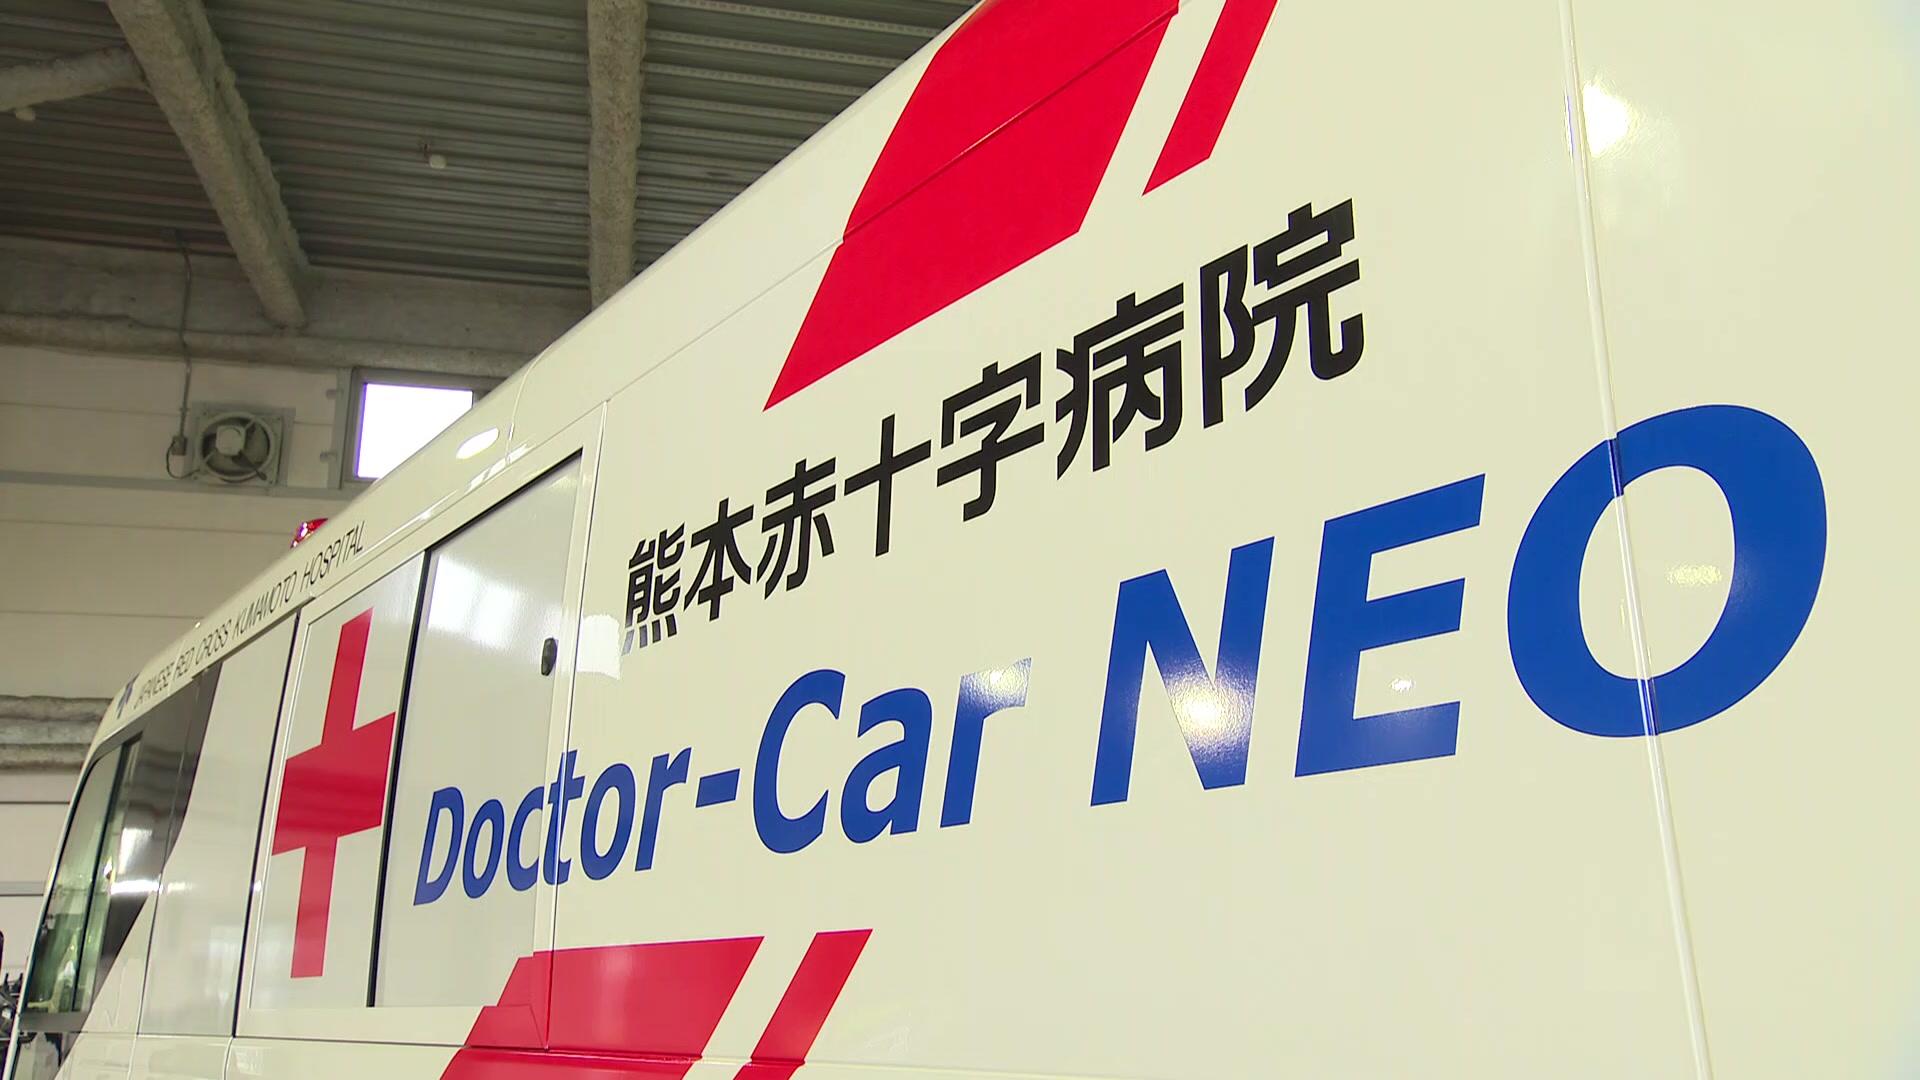 熊本赤十字病院が新たなドクターカーを導入